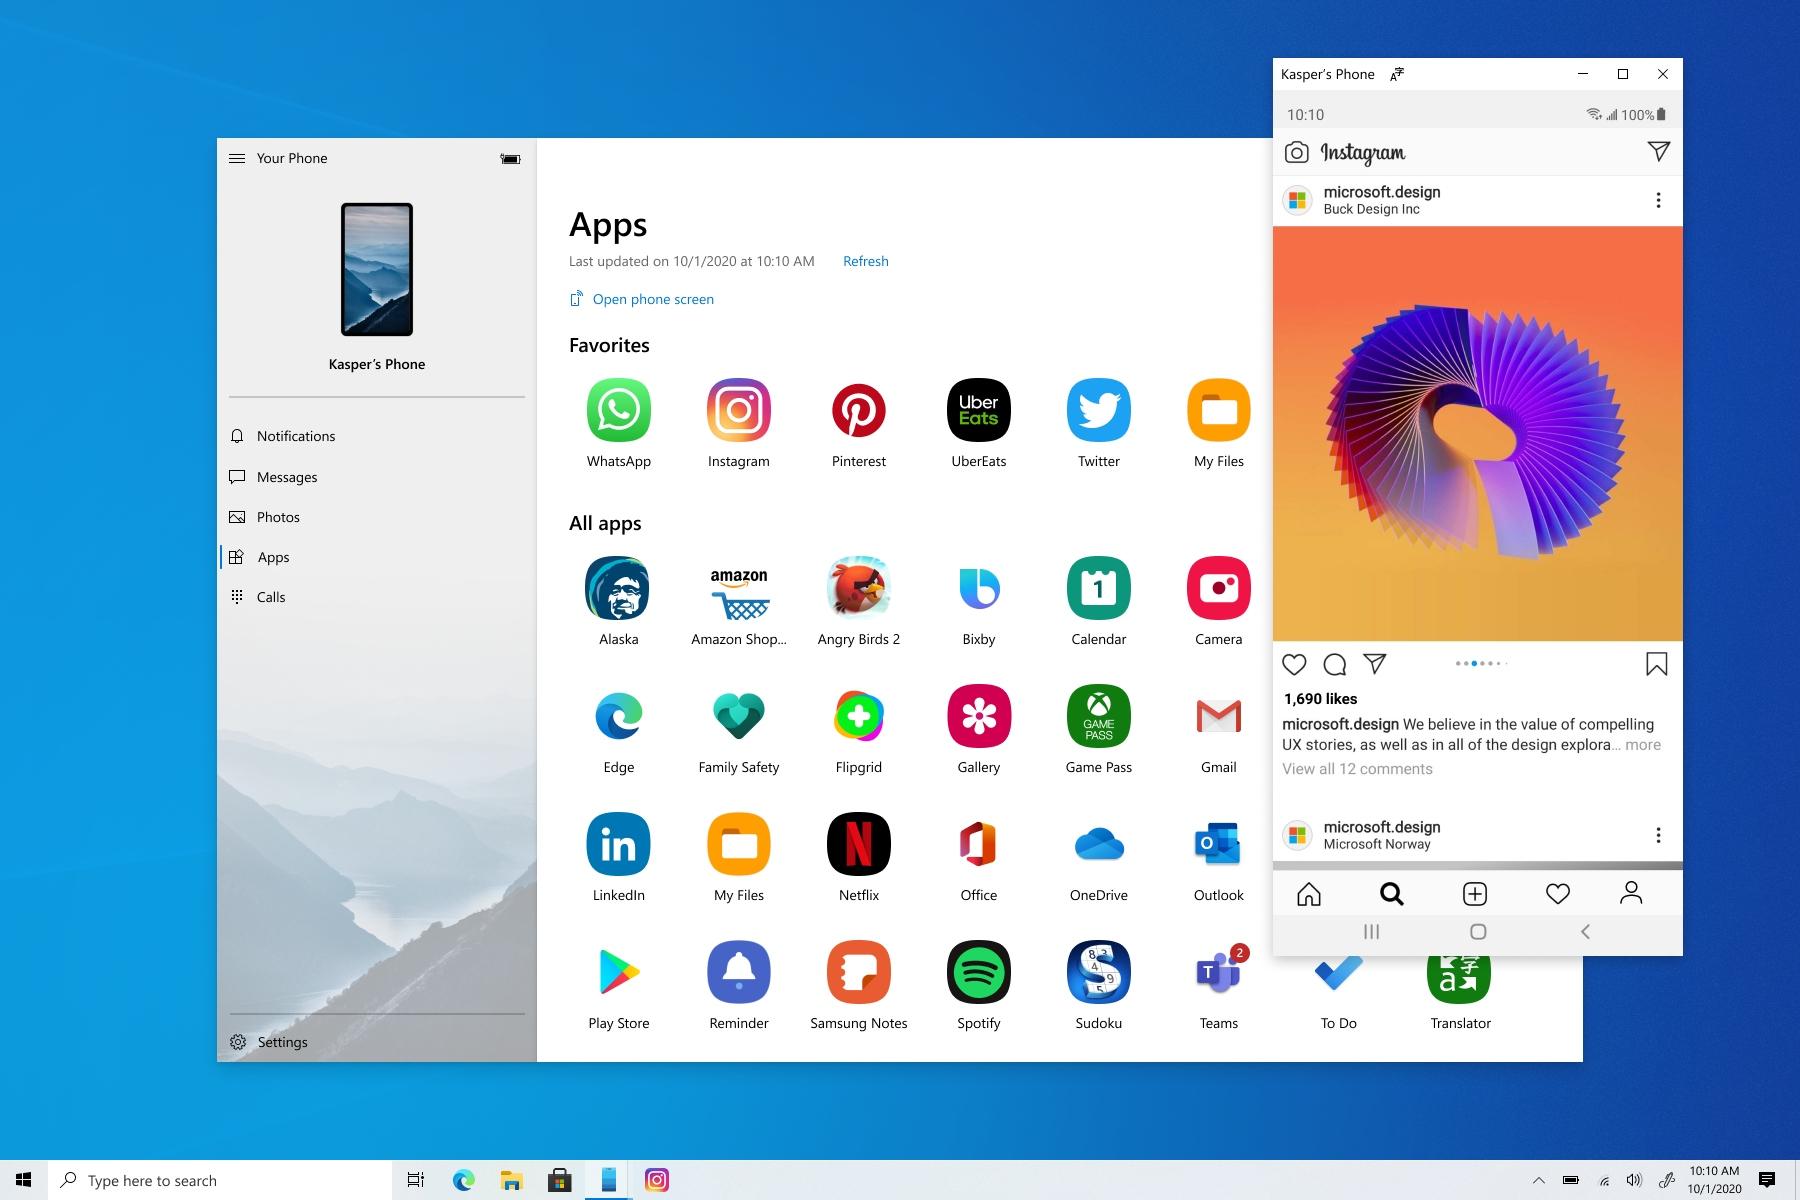 Теперь наWindows 10 можно запускать иработать сAndroid-приложениями сосмартфона